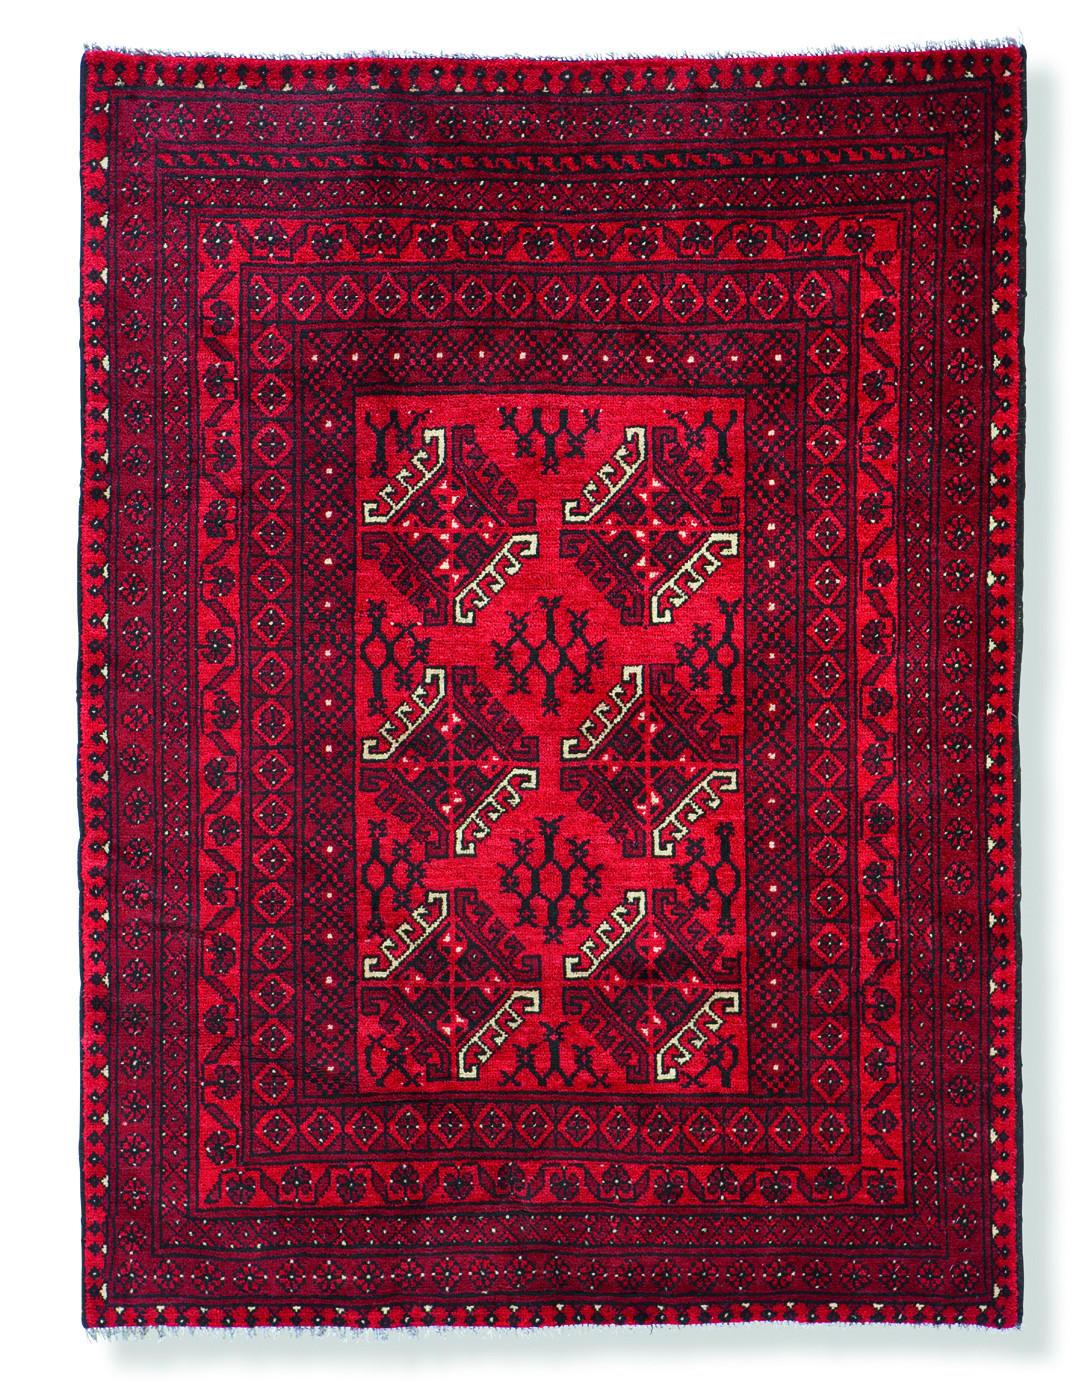 ORIENTTEPPICH 100/150 cm - Multicolor, KONVENTIONELL, Textil (100/150cm) - ESPOSA